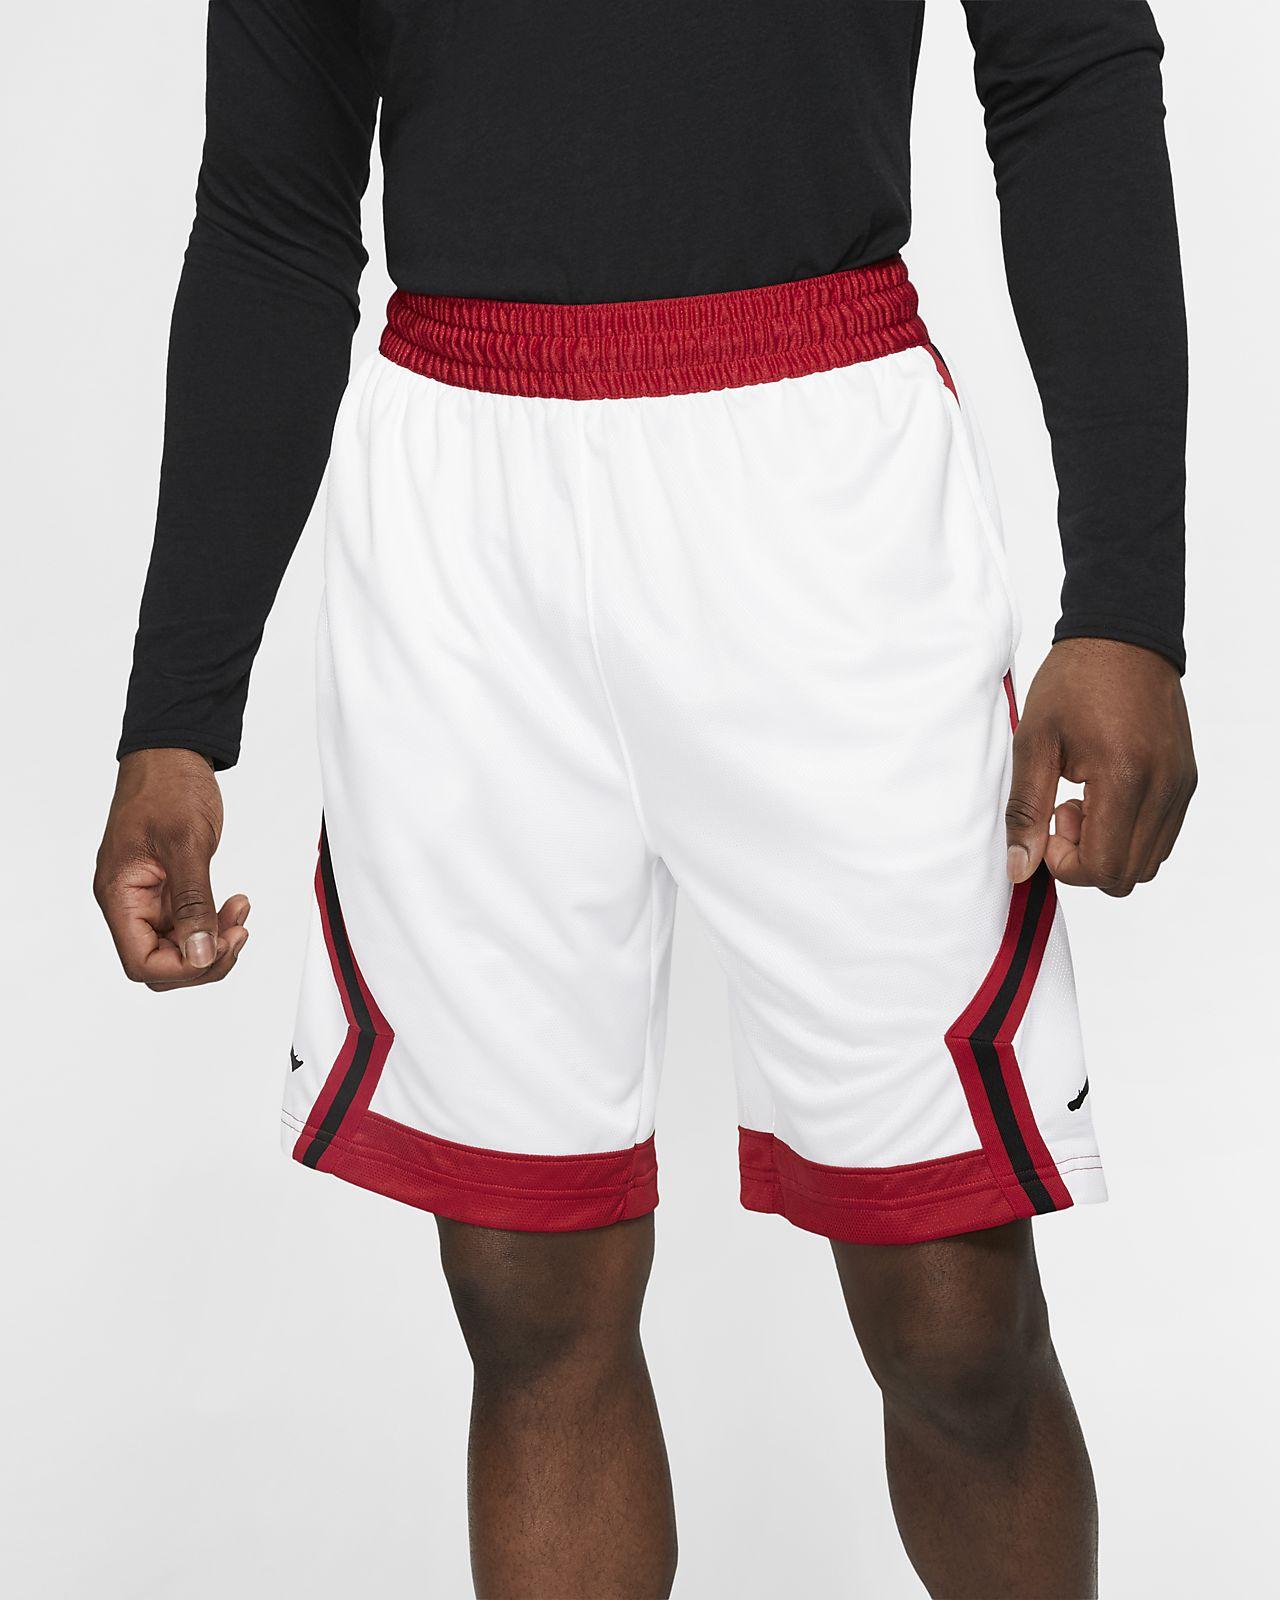 Jordan Jumpman Diamond gestreifte Herren-Basketballshorts